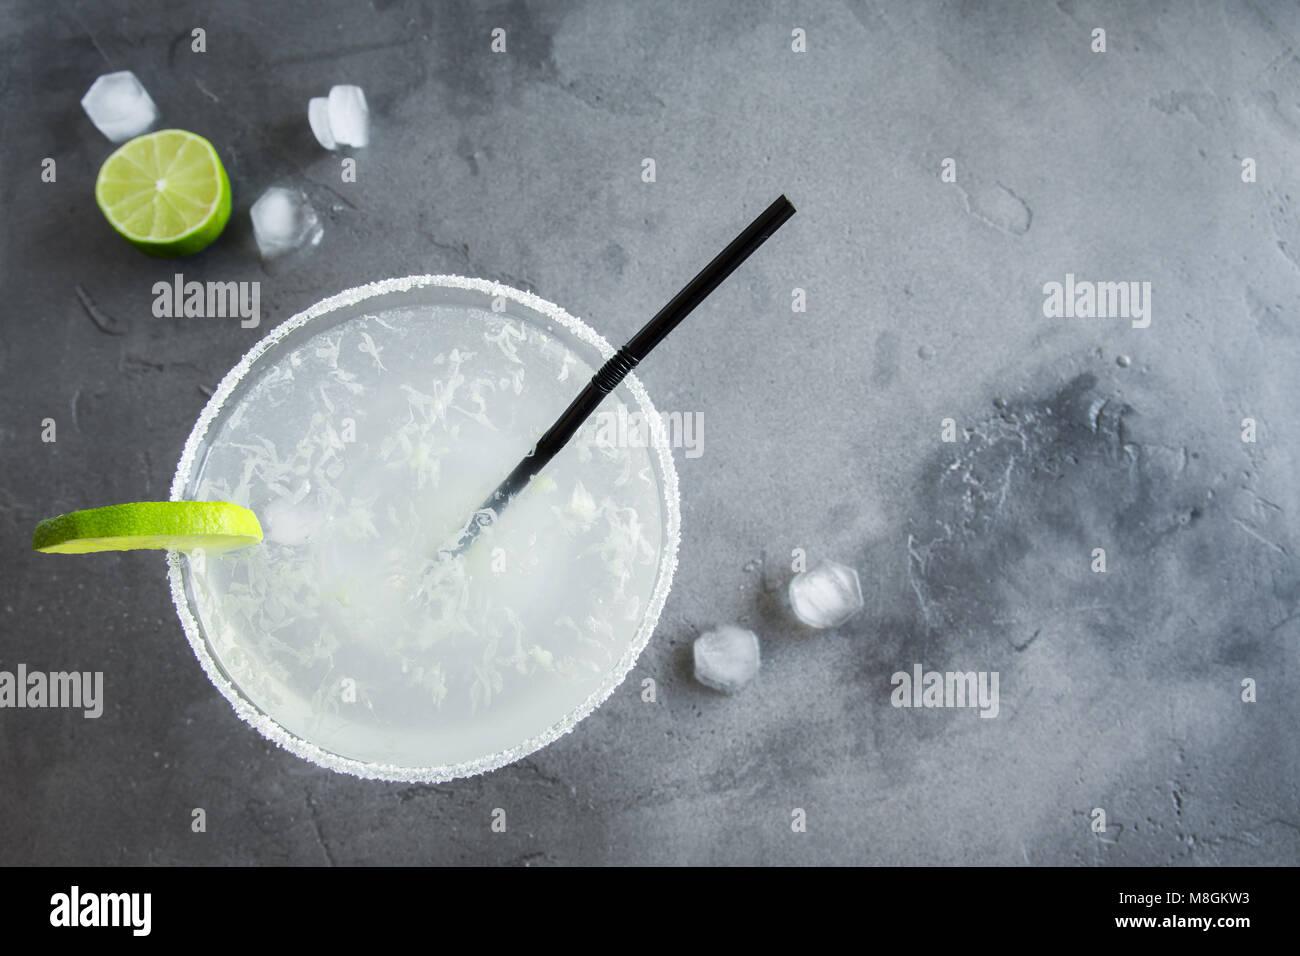 Marguerite Сocktail avec de la chaux et de la glace sur fond de béton gris, copiez l'espace. Margarita classique ou Daiquiry Cocktail. Banque D'Images